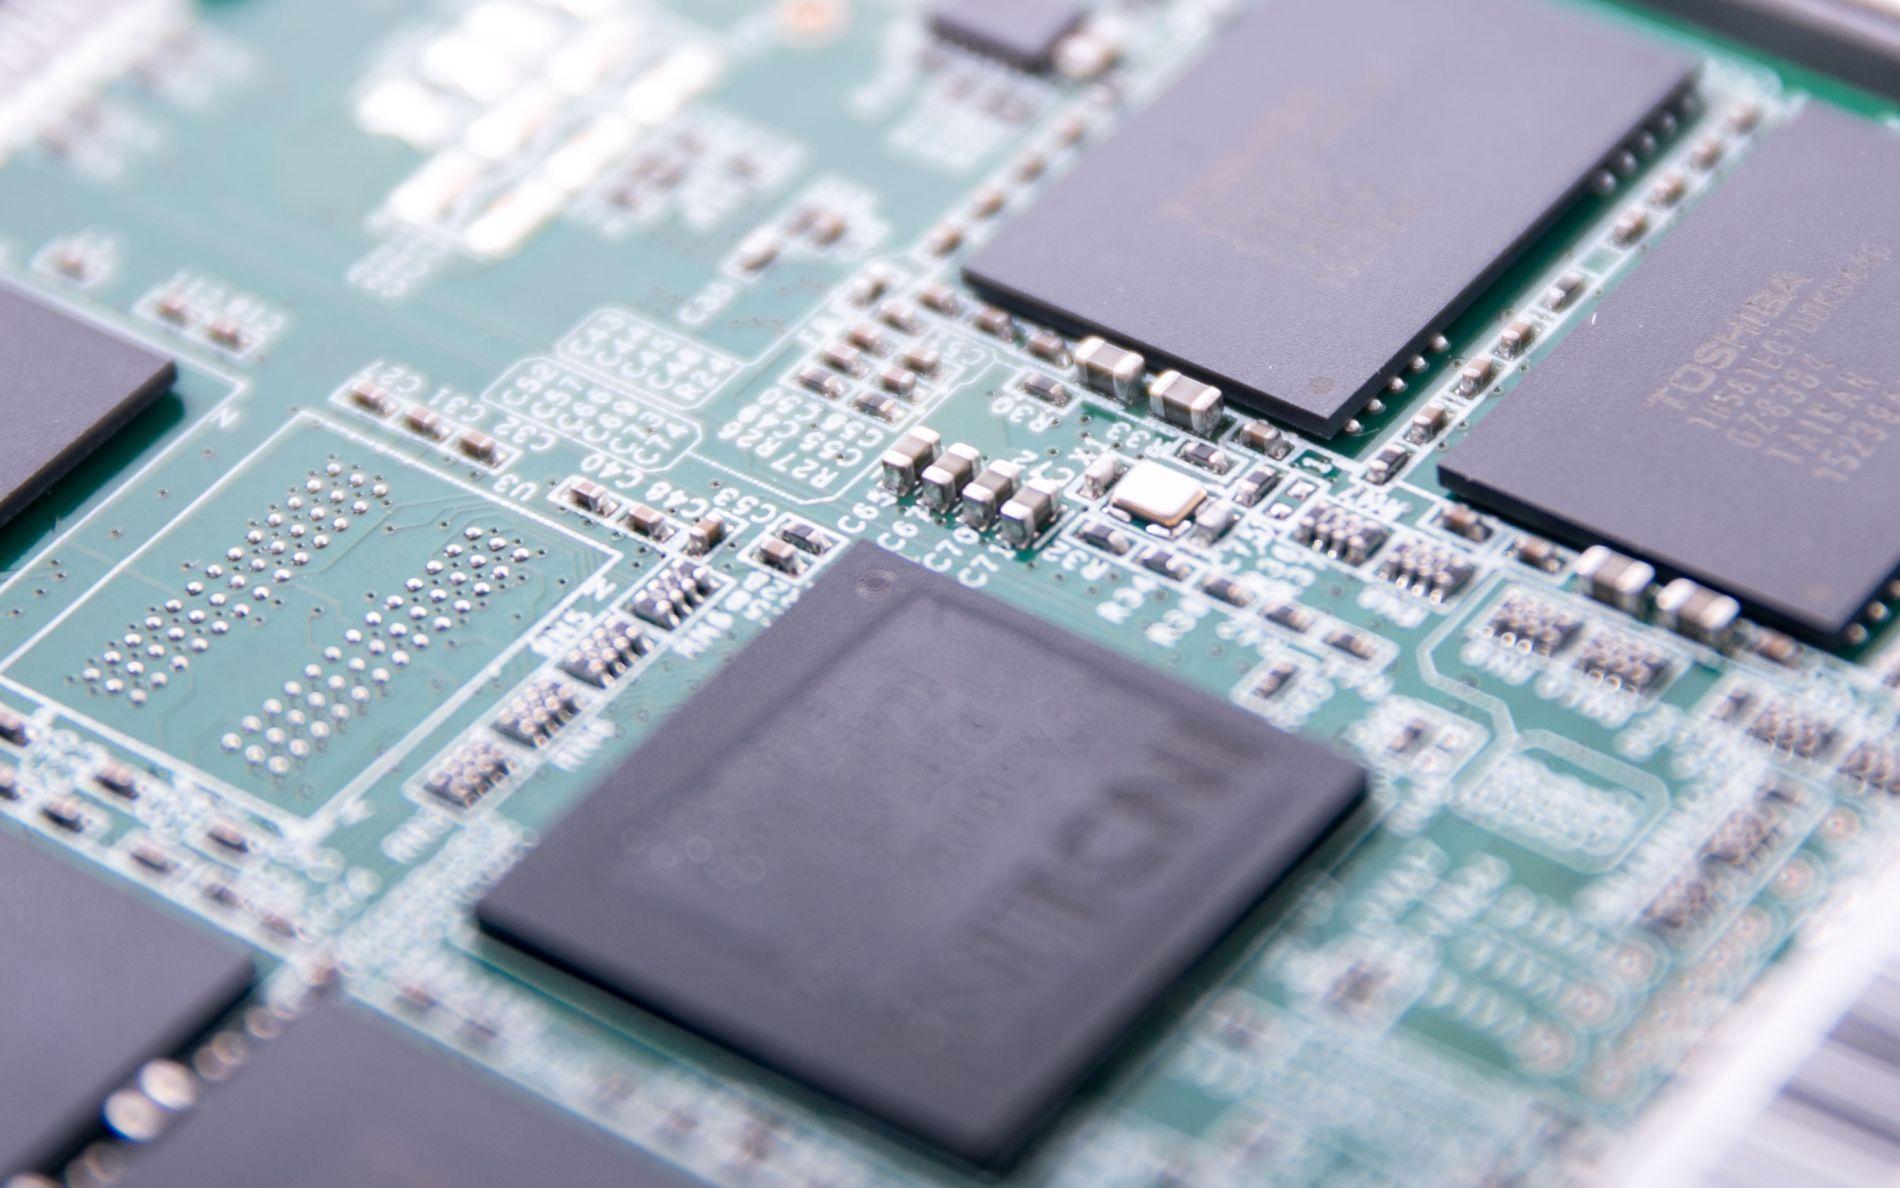 RETT TEKNOLOGI: De individuelle delene på en SSD er knøttsmå, men selv de minste kan være forskjellen for SSD-ens liv eller død. Bilde: Story Labs